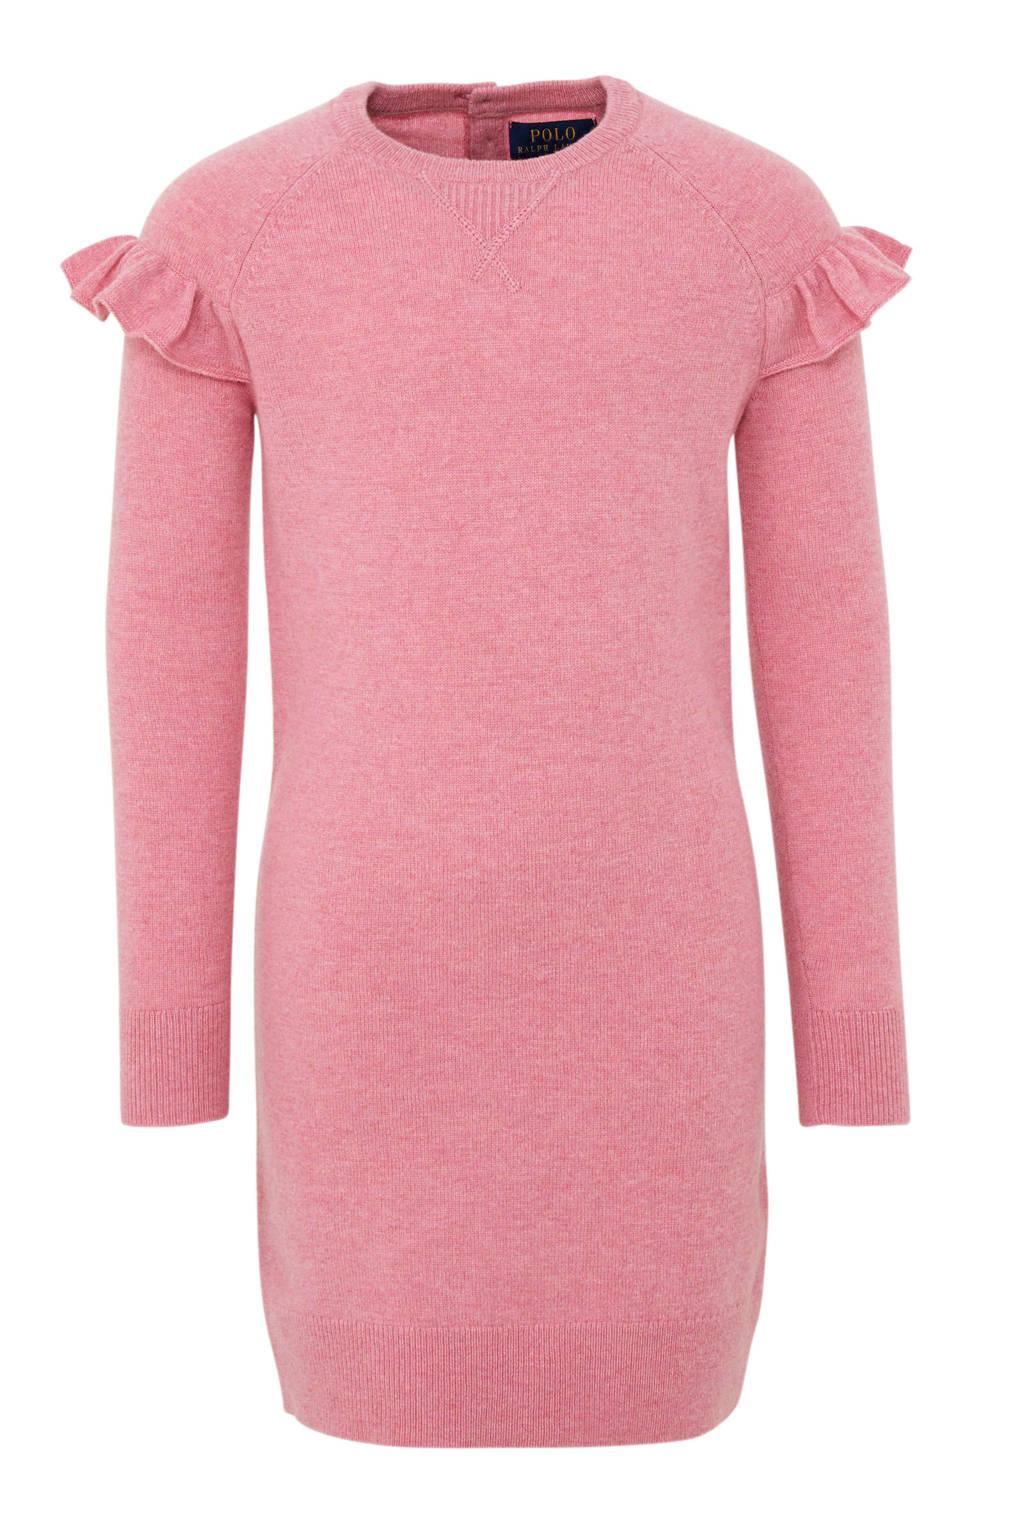 POLO Ralph Lauren wollen jurk met volant roze, Roze